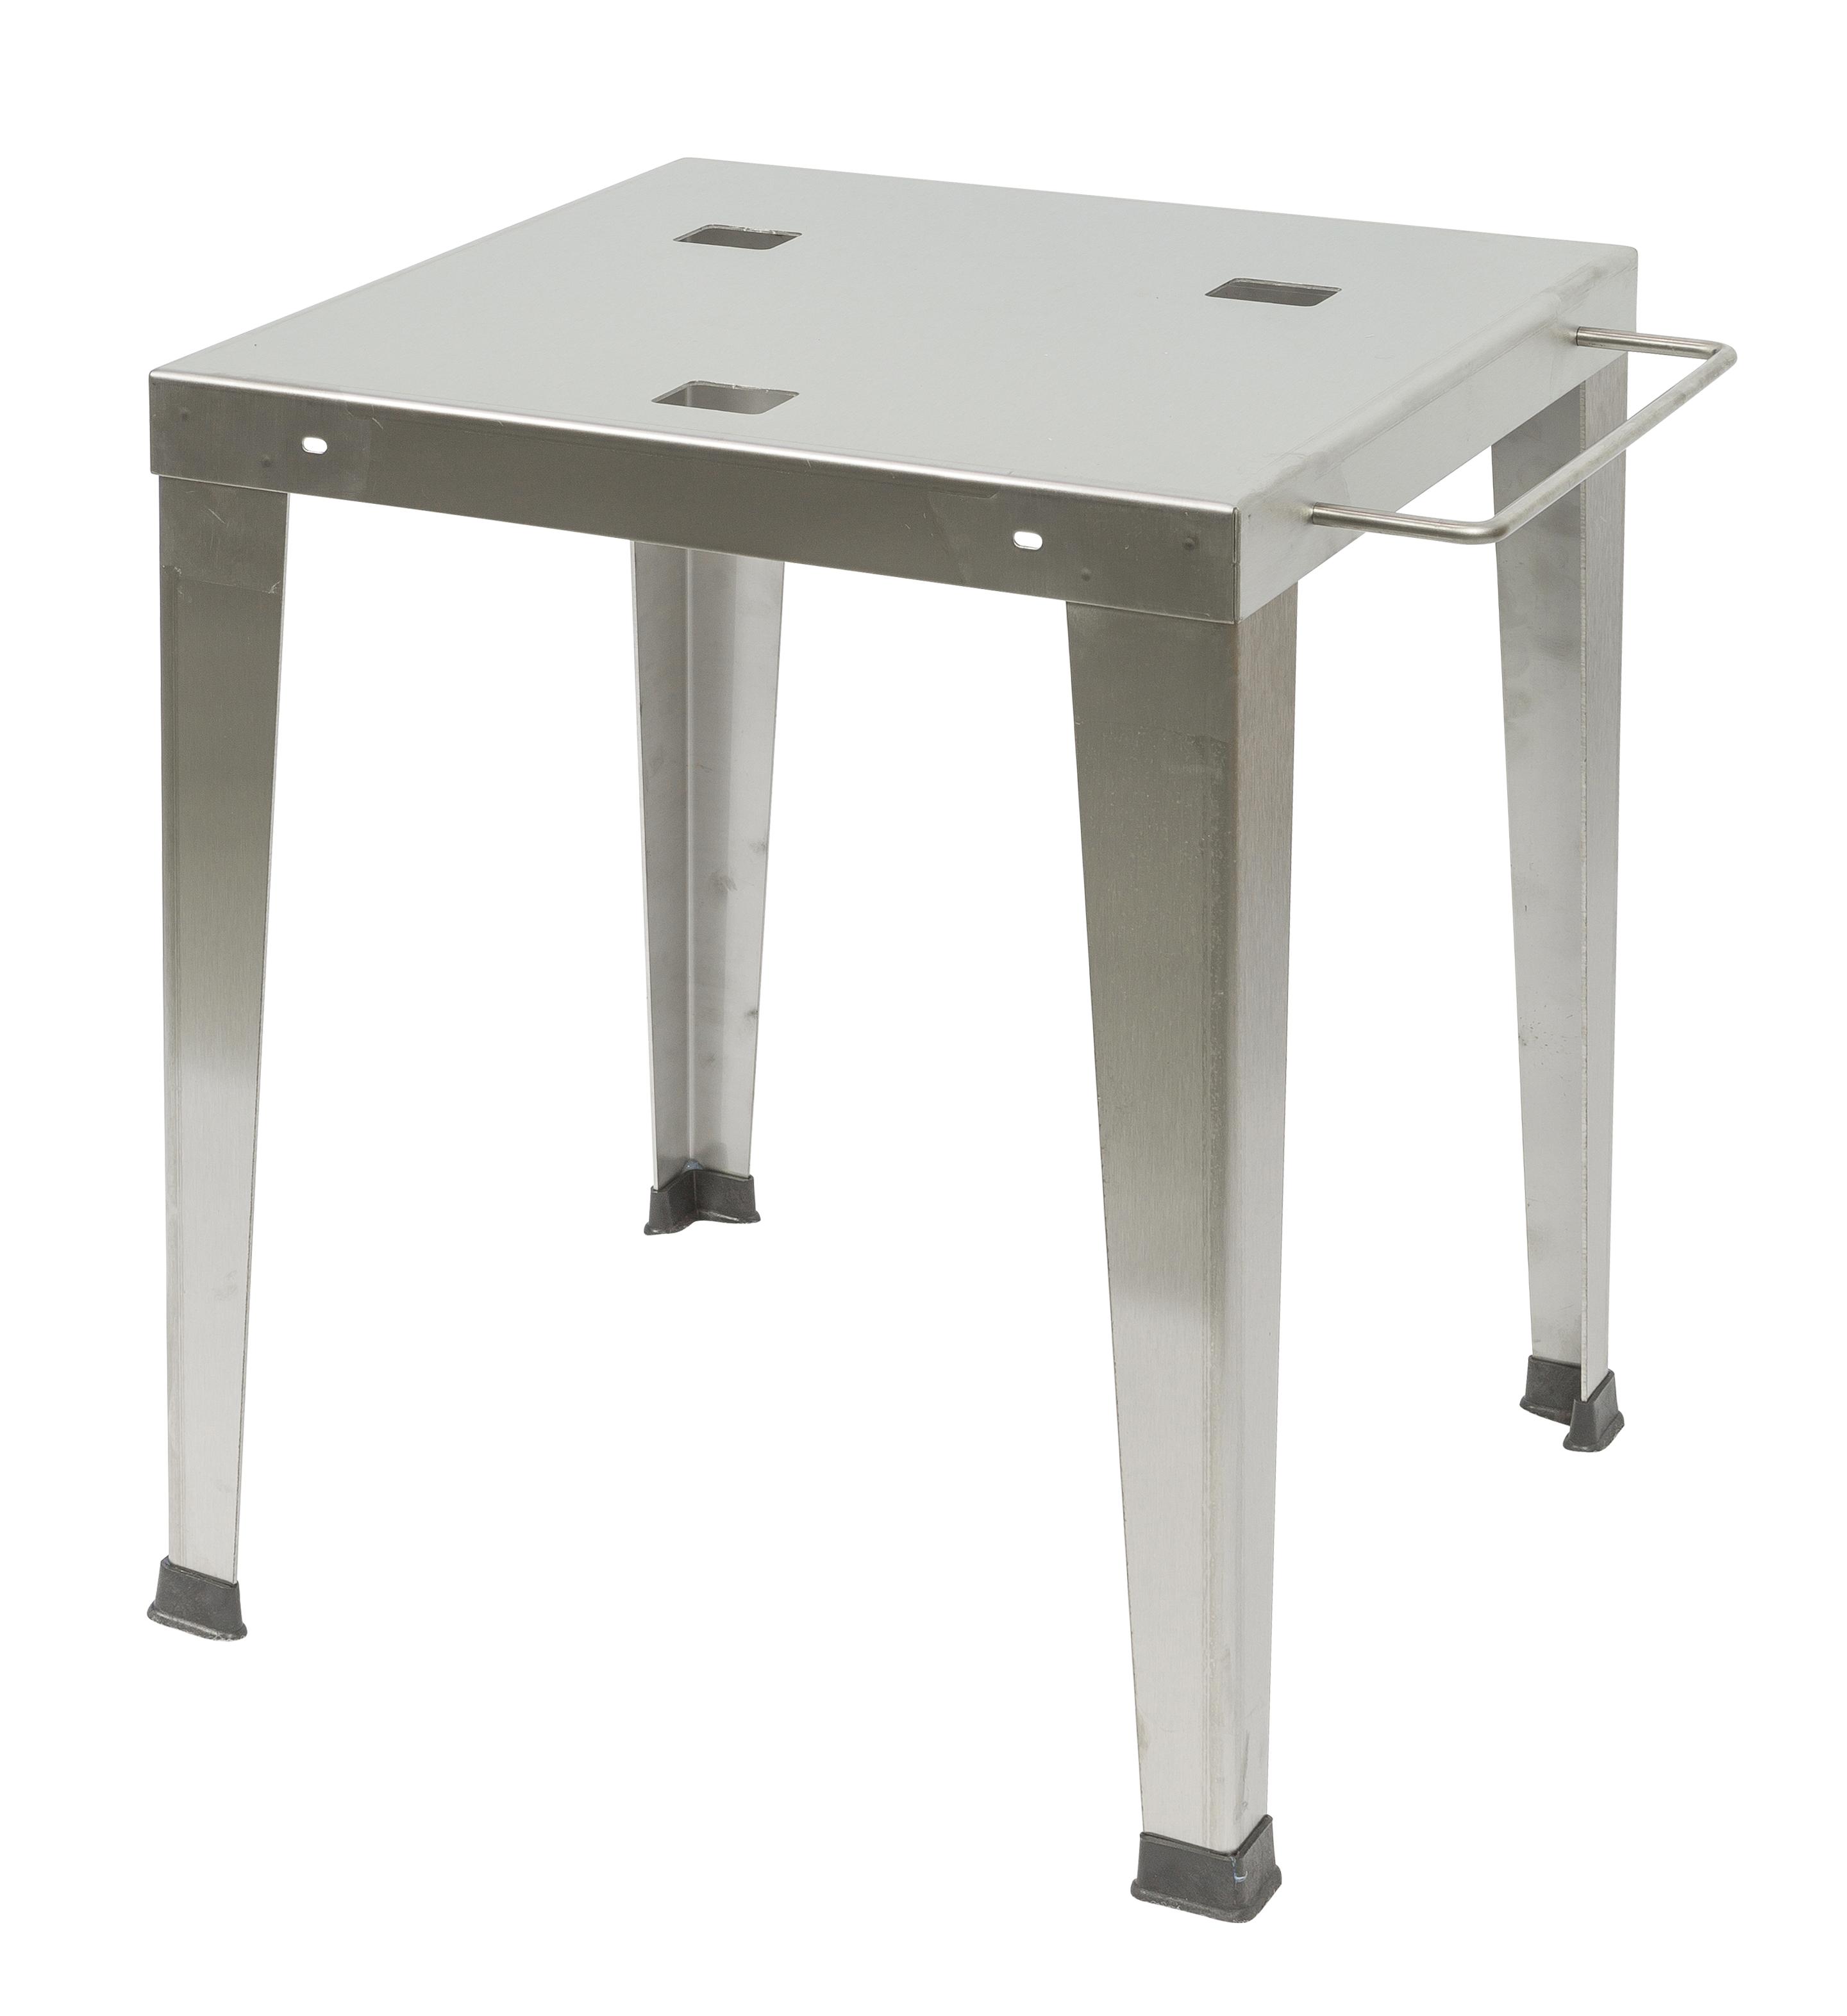 TABLE FILTRE INOX POUR T5 E/T8E